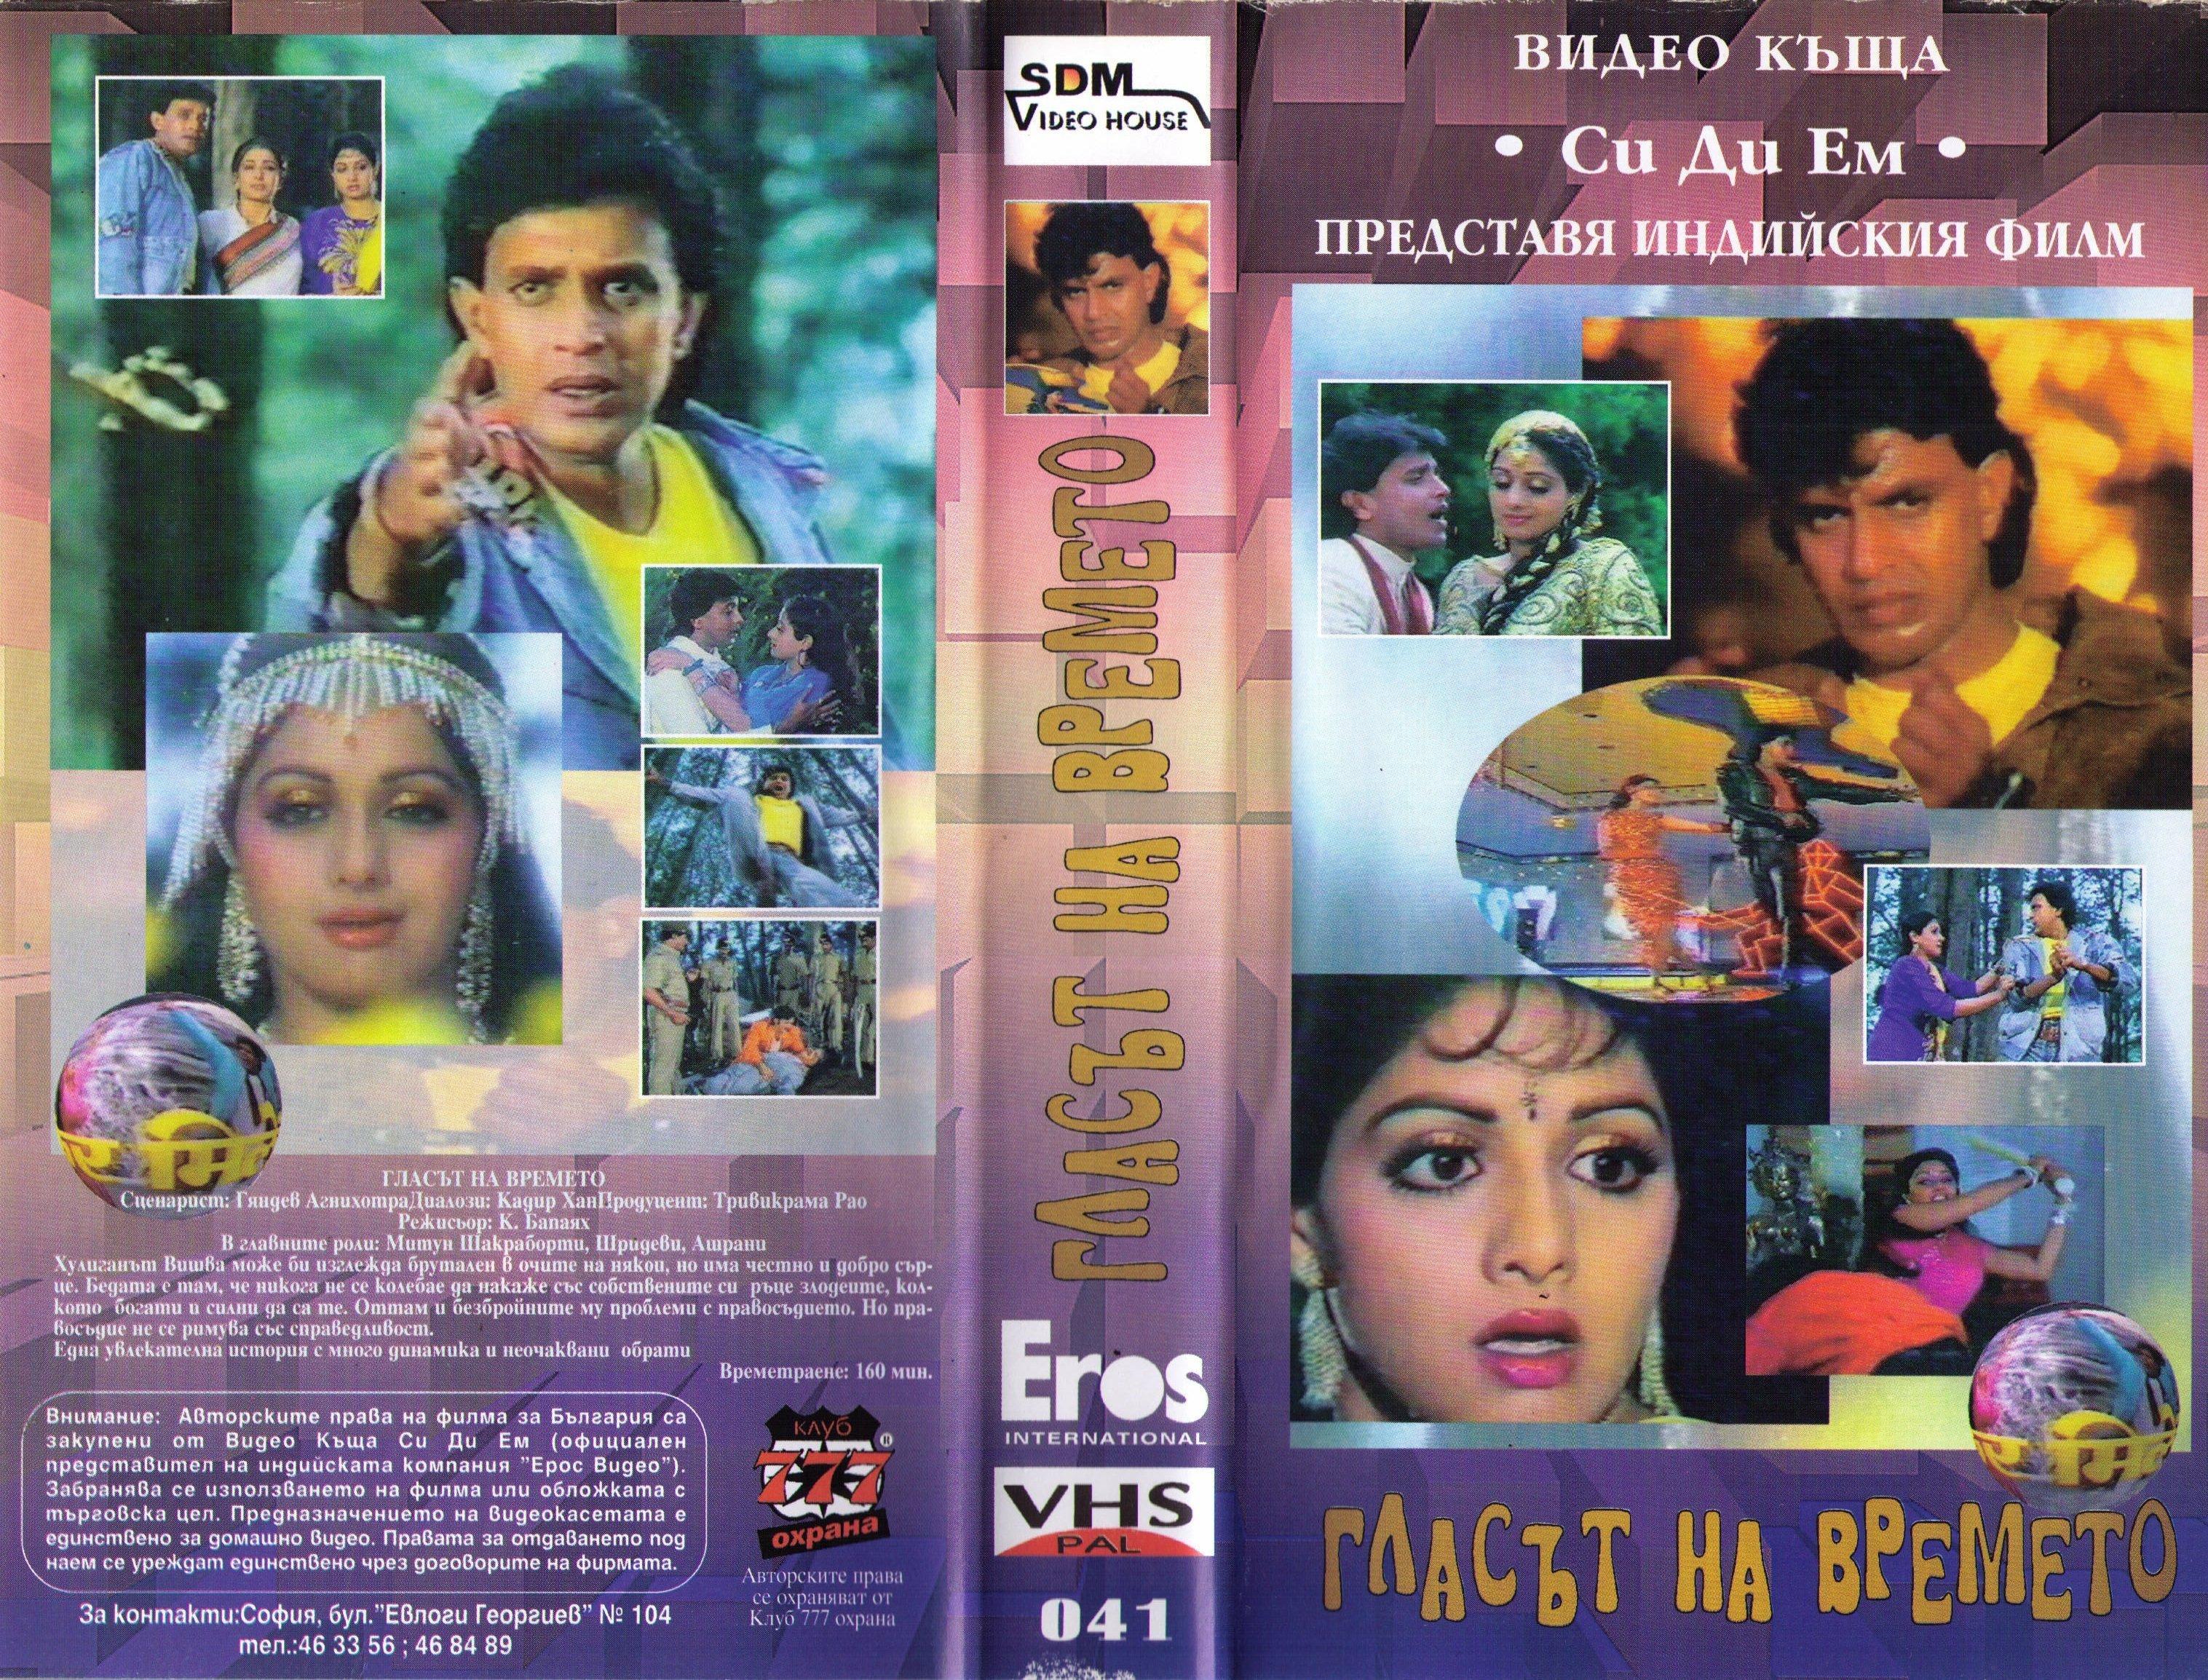 Гласът на времето индийски филм